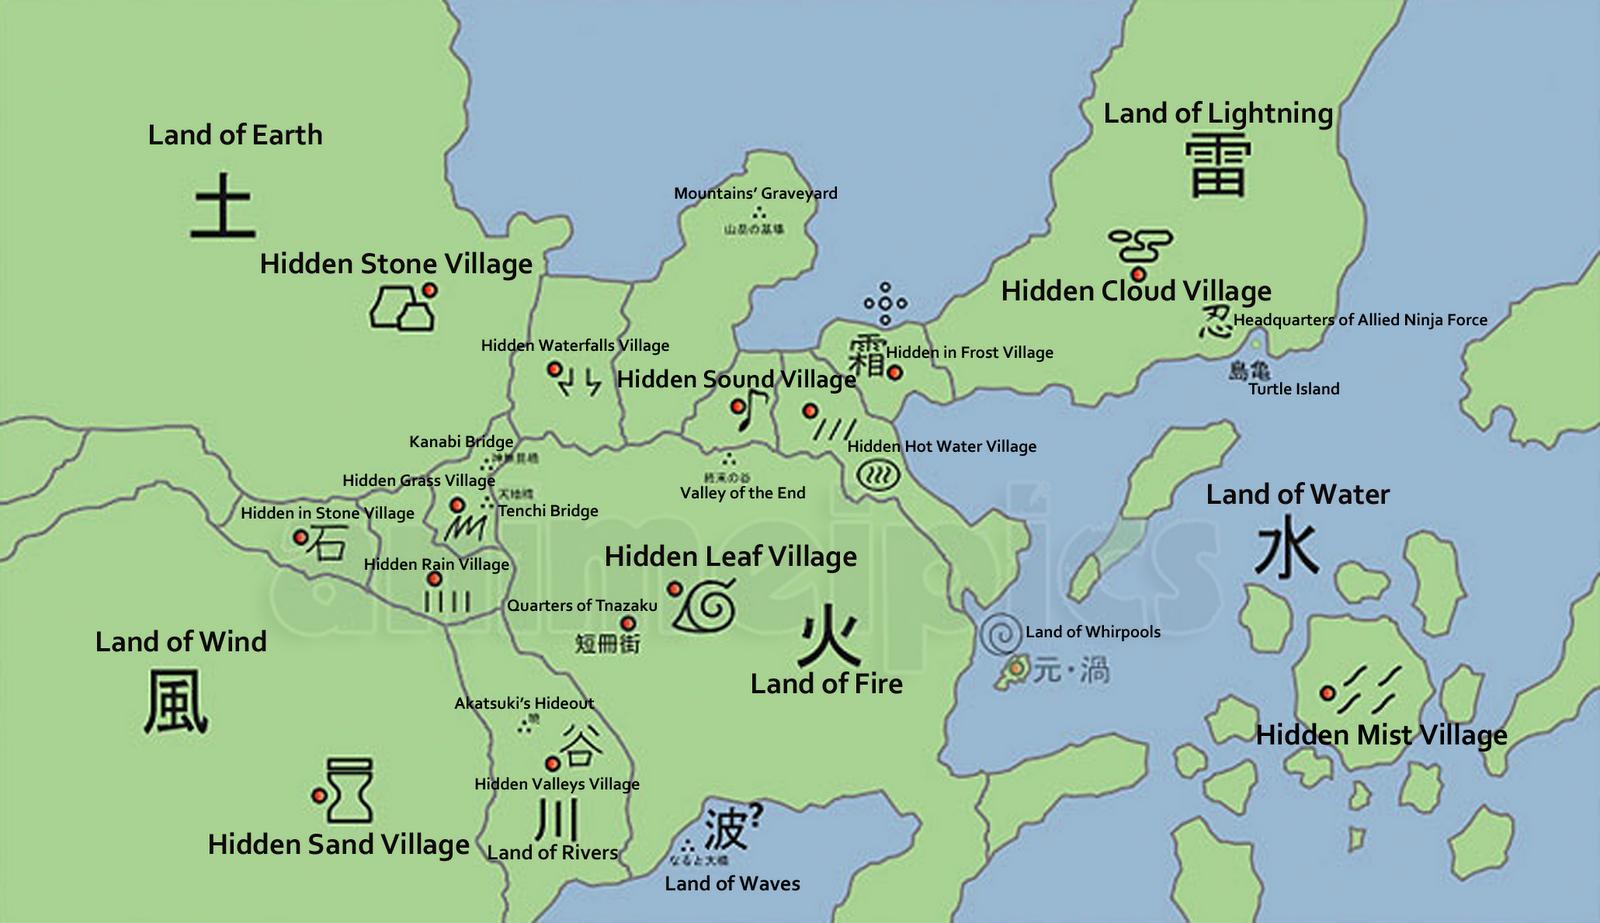 http://3.bp.blogspot.com/-OzDIRWqdXVU/UJptQp9tkPI/AAAAAAAAGv4/BWrRN7sgvII/s1600/Naruto+World+Map+Hidden+Sound+village-animeipics.PNG